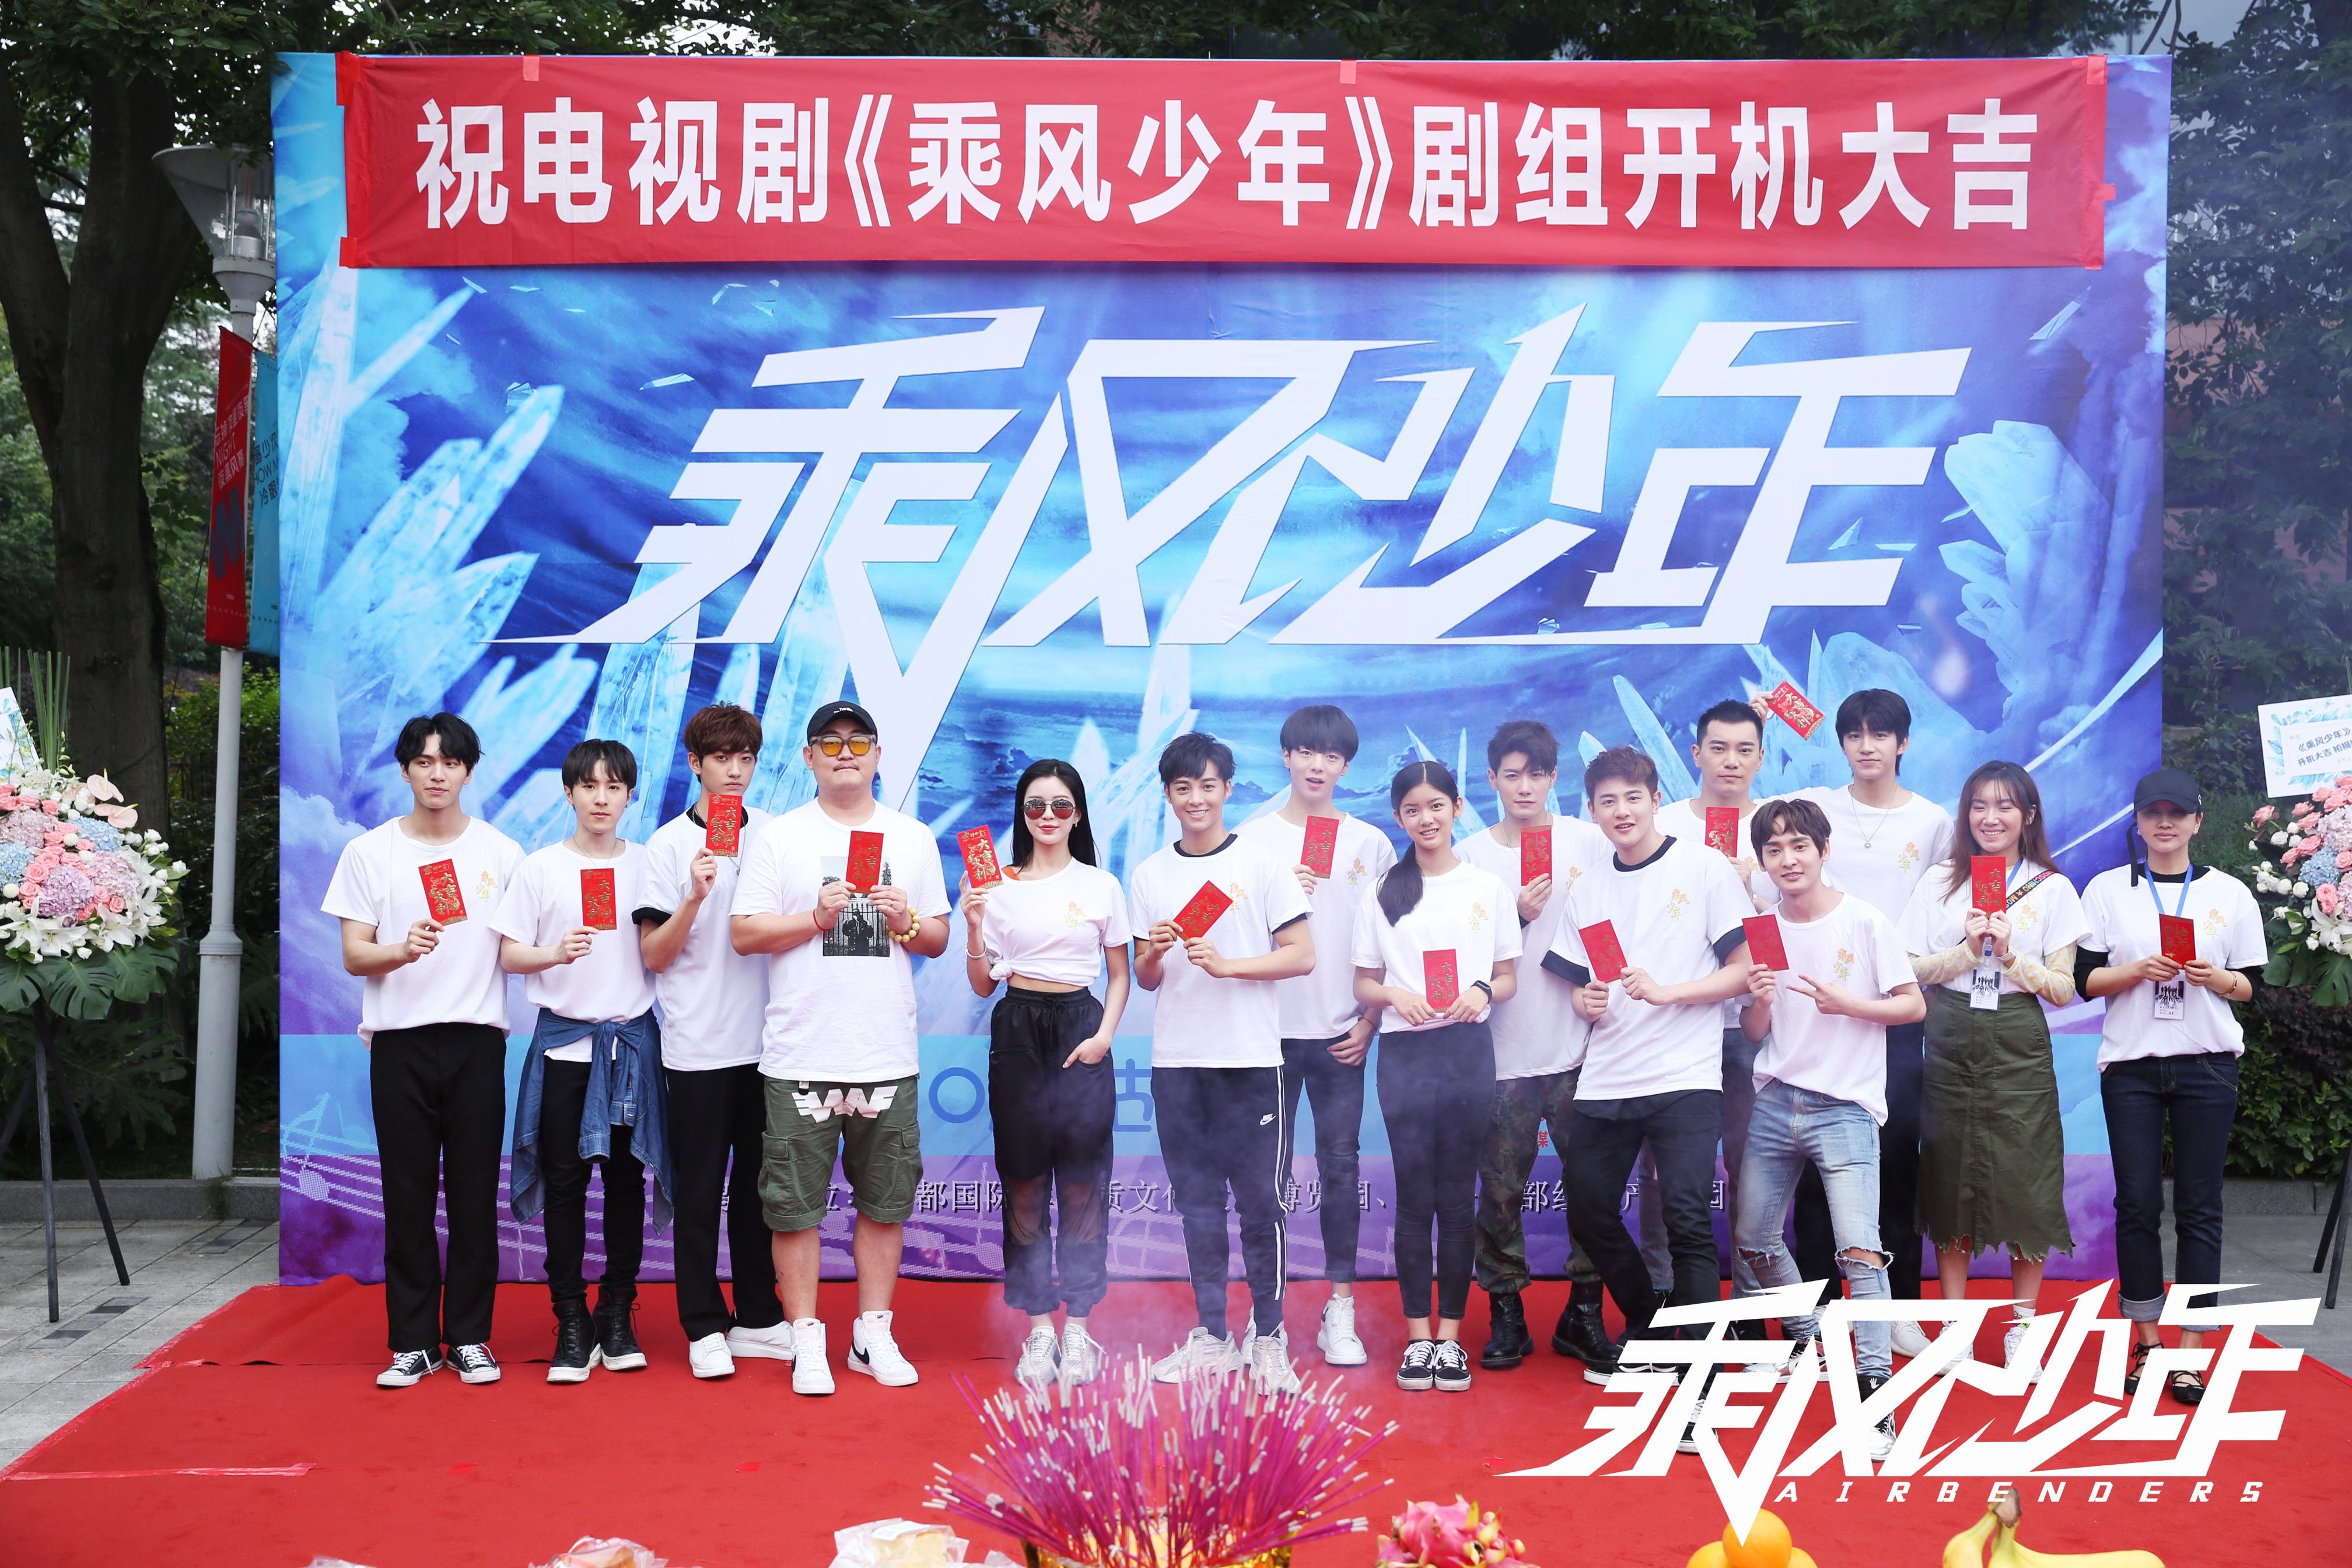 电视剧《乘风少年》在成都举办开机仪式